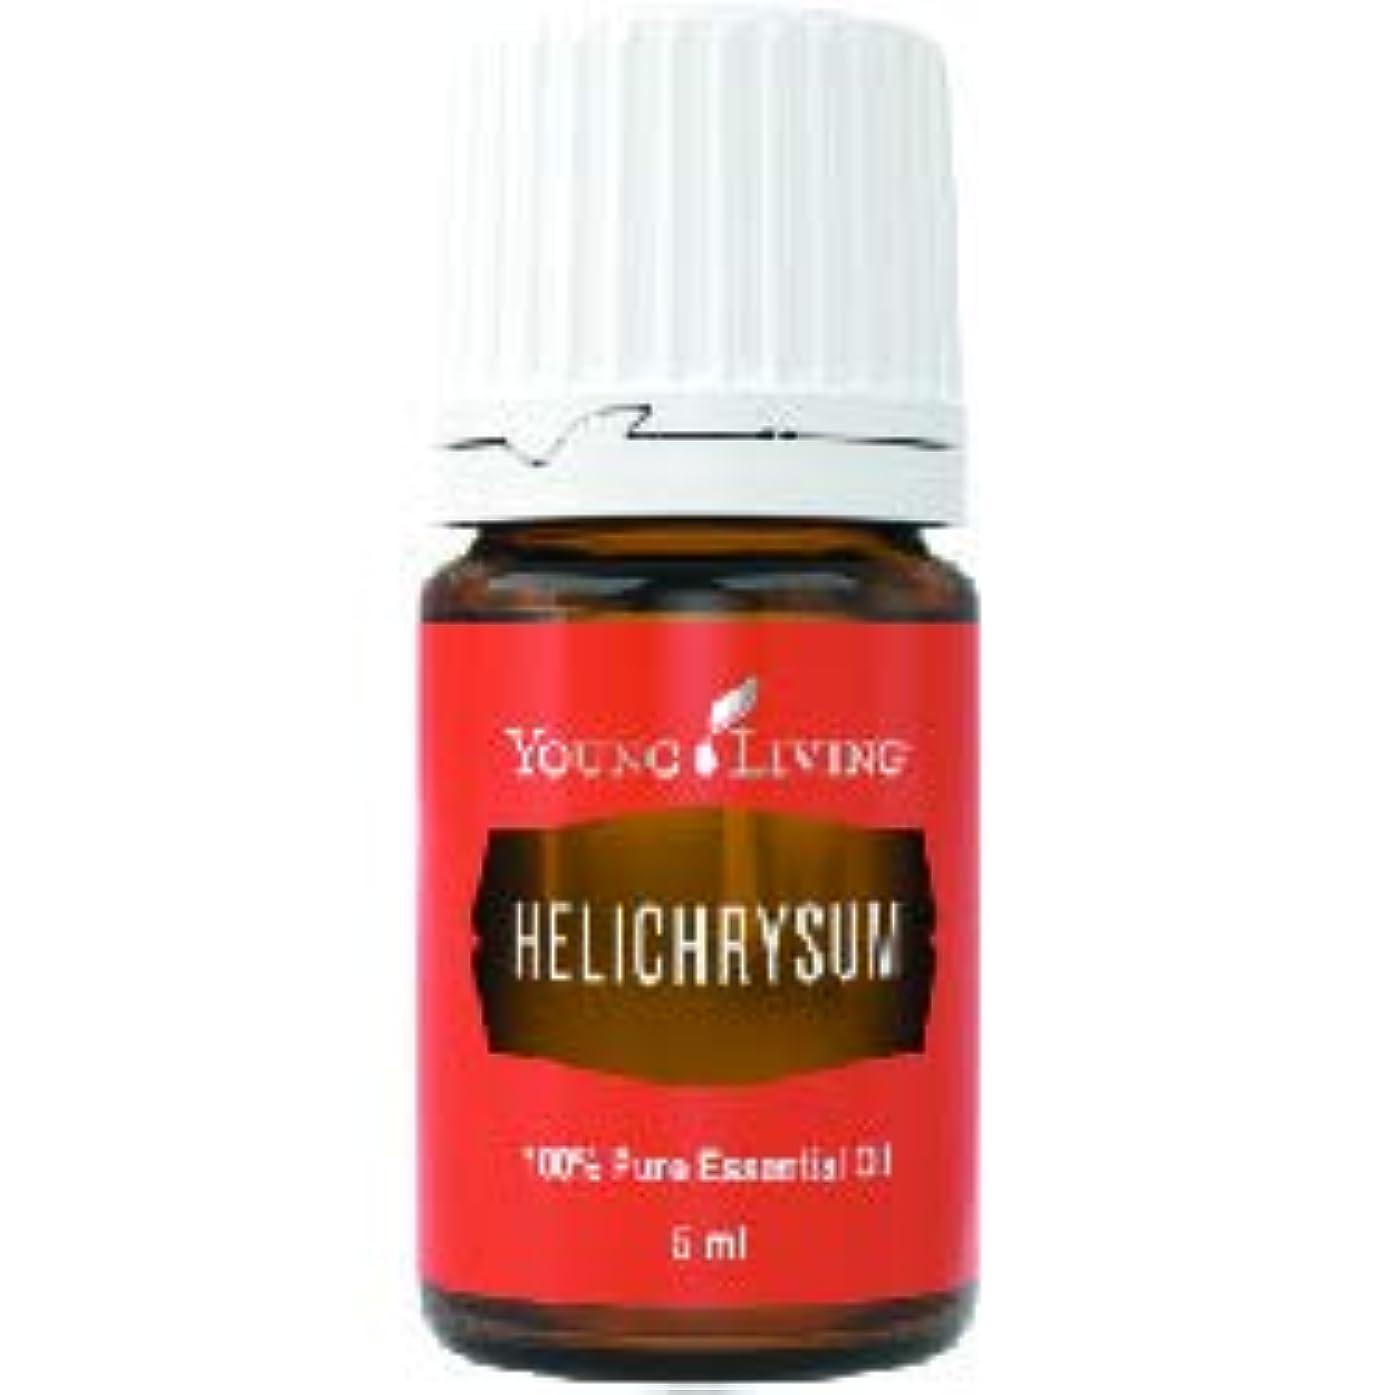 期間個人にじみ出るヘリクリサムエッセンシャルオイル ヤングリビングエッセンシャルオイルマレーシア5ml Helichrysum Essential Oil 5ml by Young Living Essential Oil Malaysia